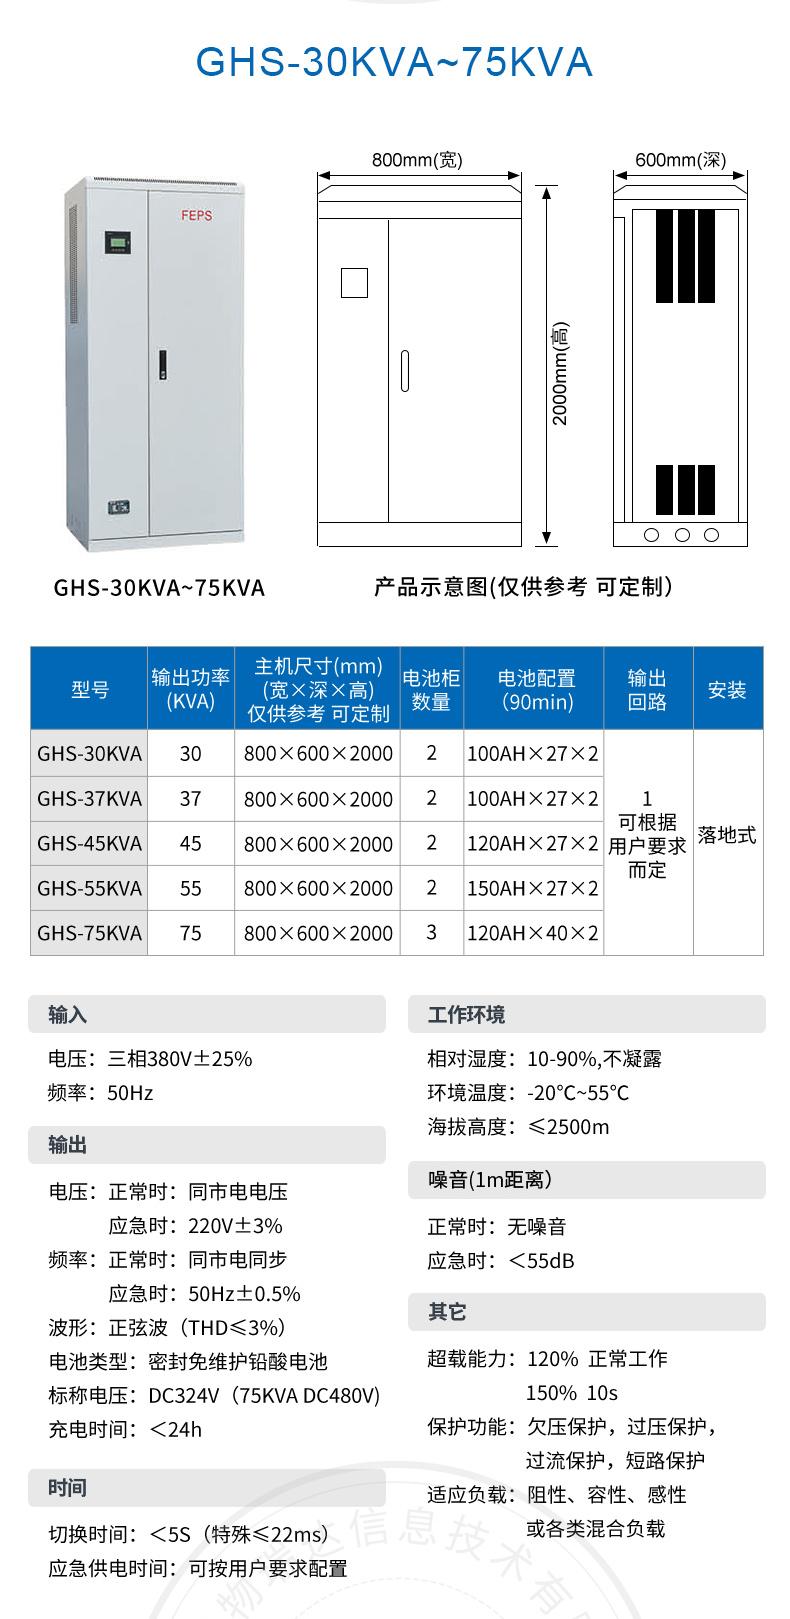 产品介绍http://www.power86.com/rs1/eps/2567/2569/130/130_c2.jpg